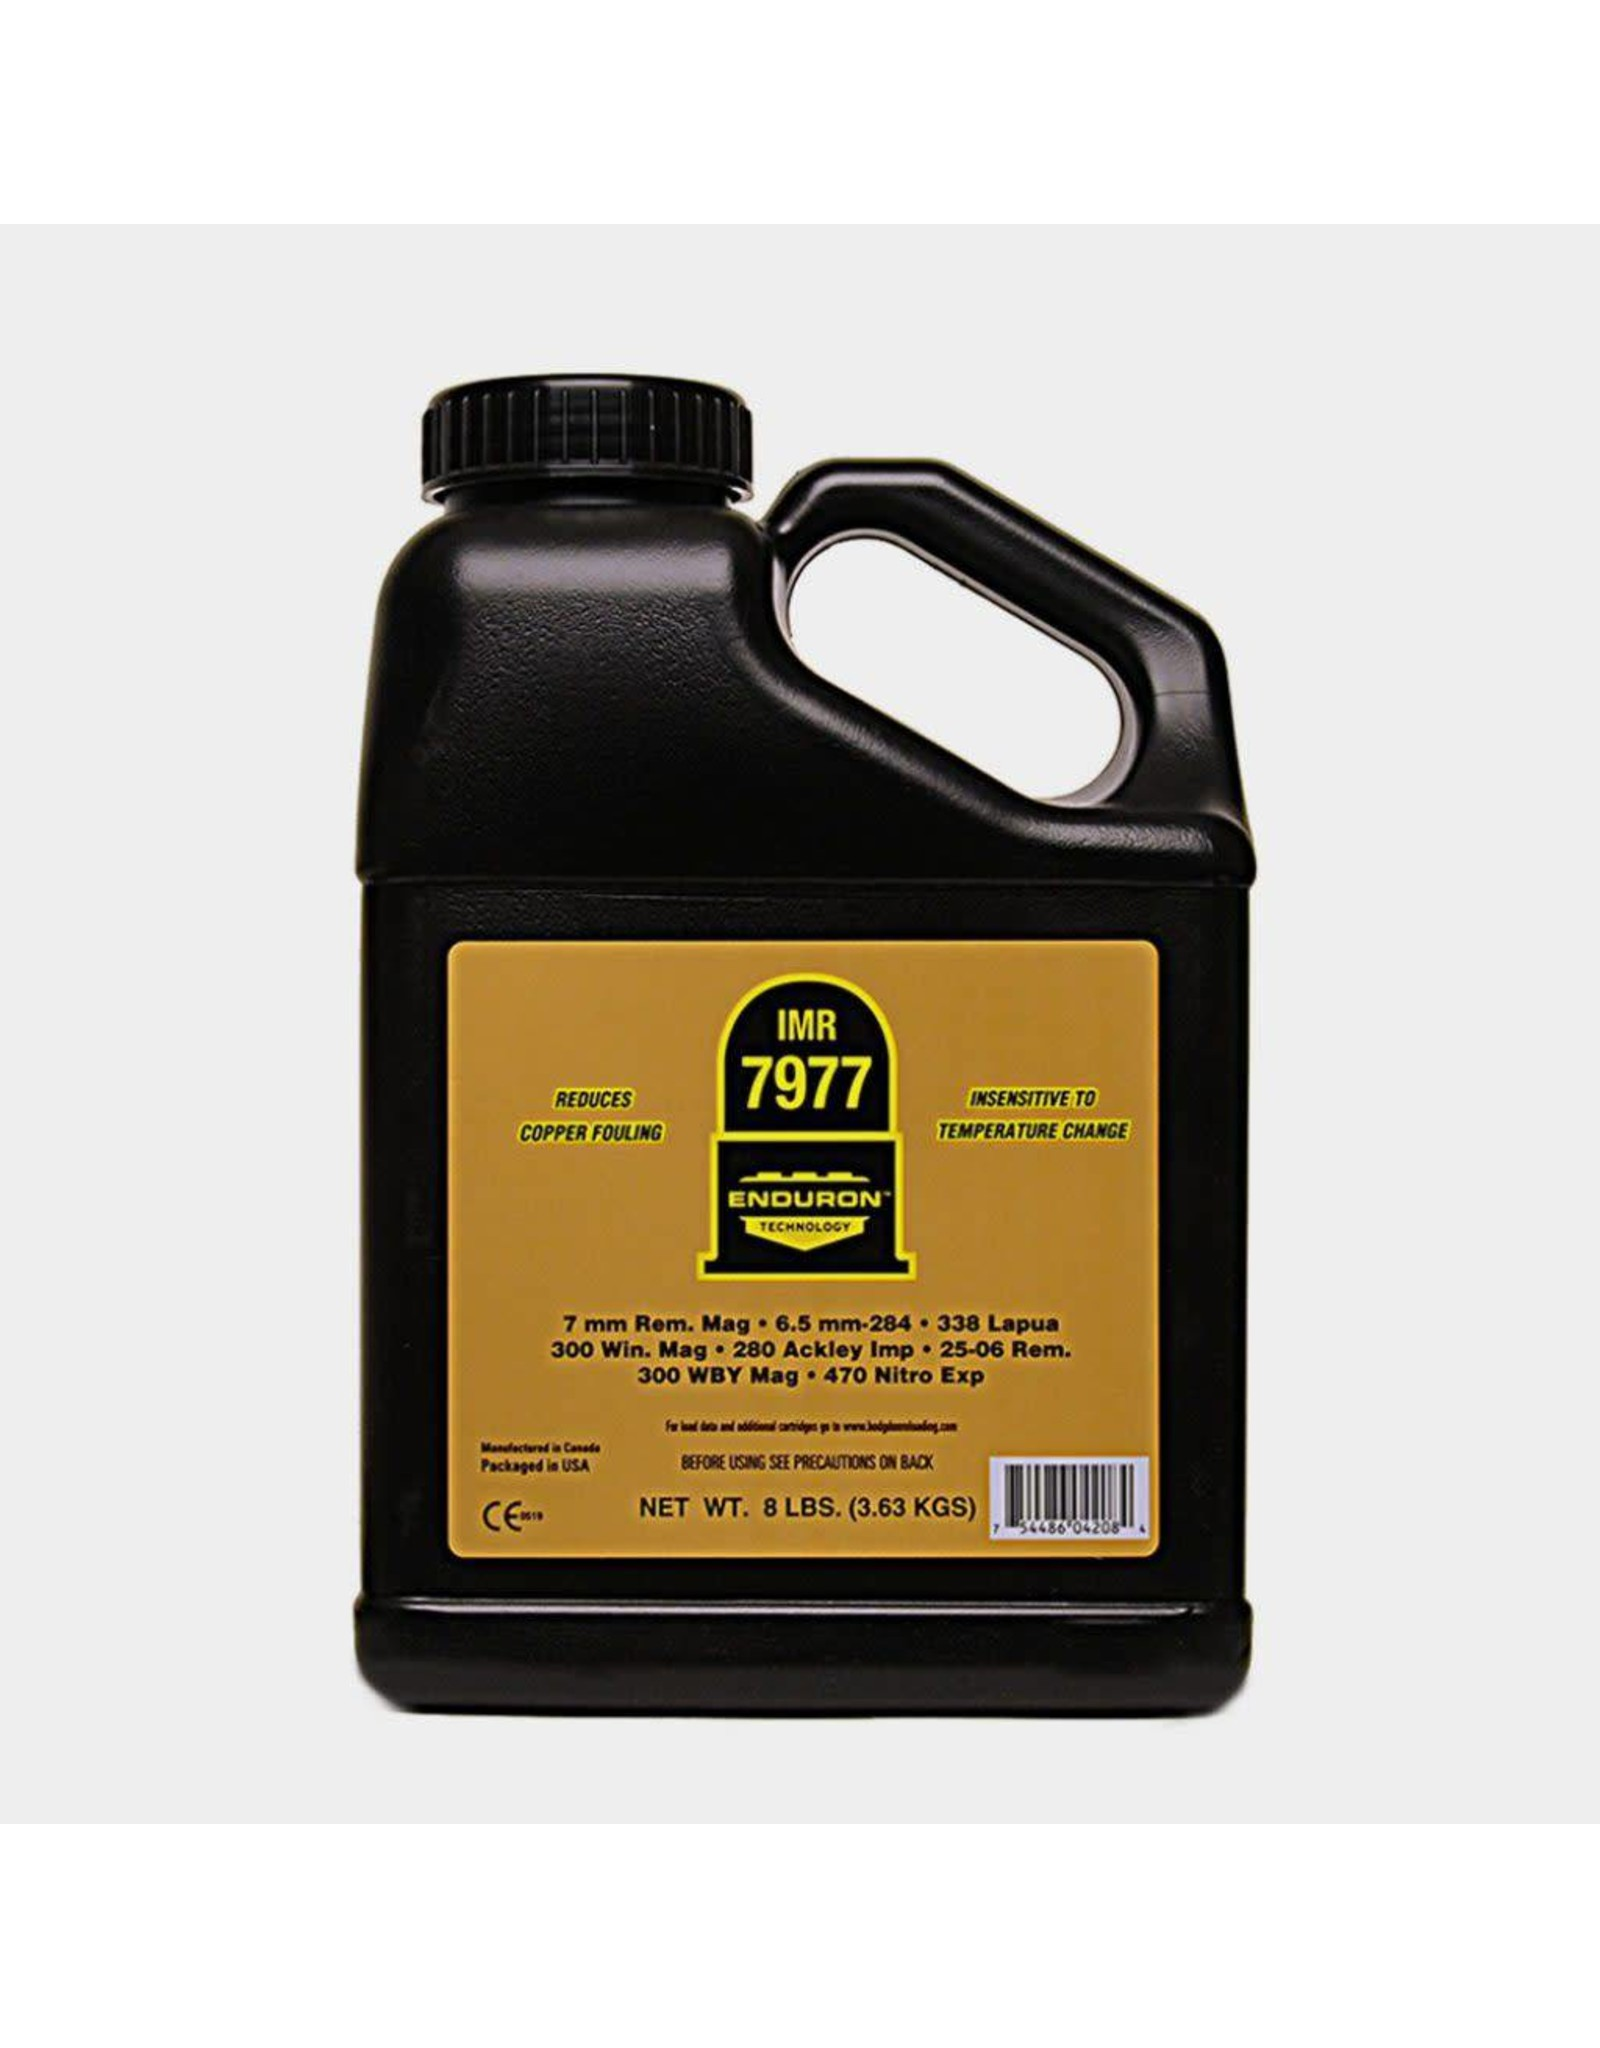 IMR IMR 7977 -  8 pound